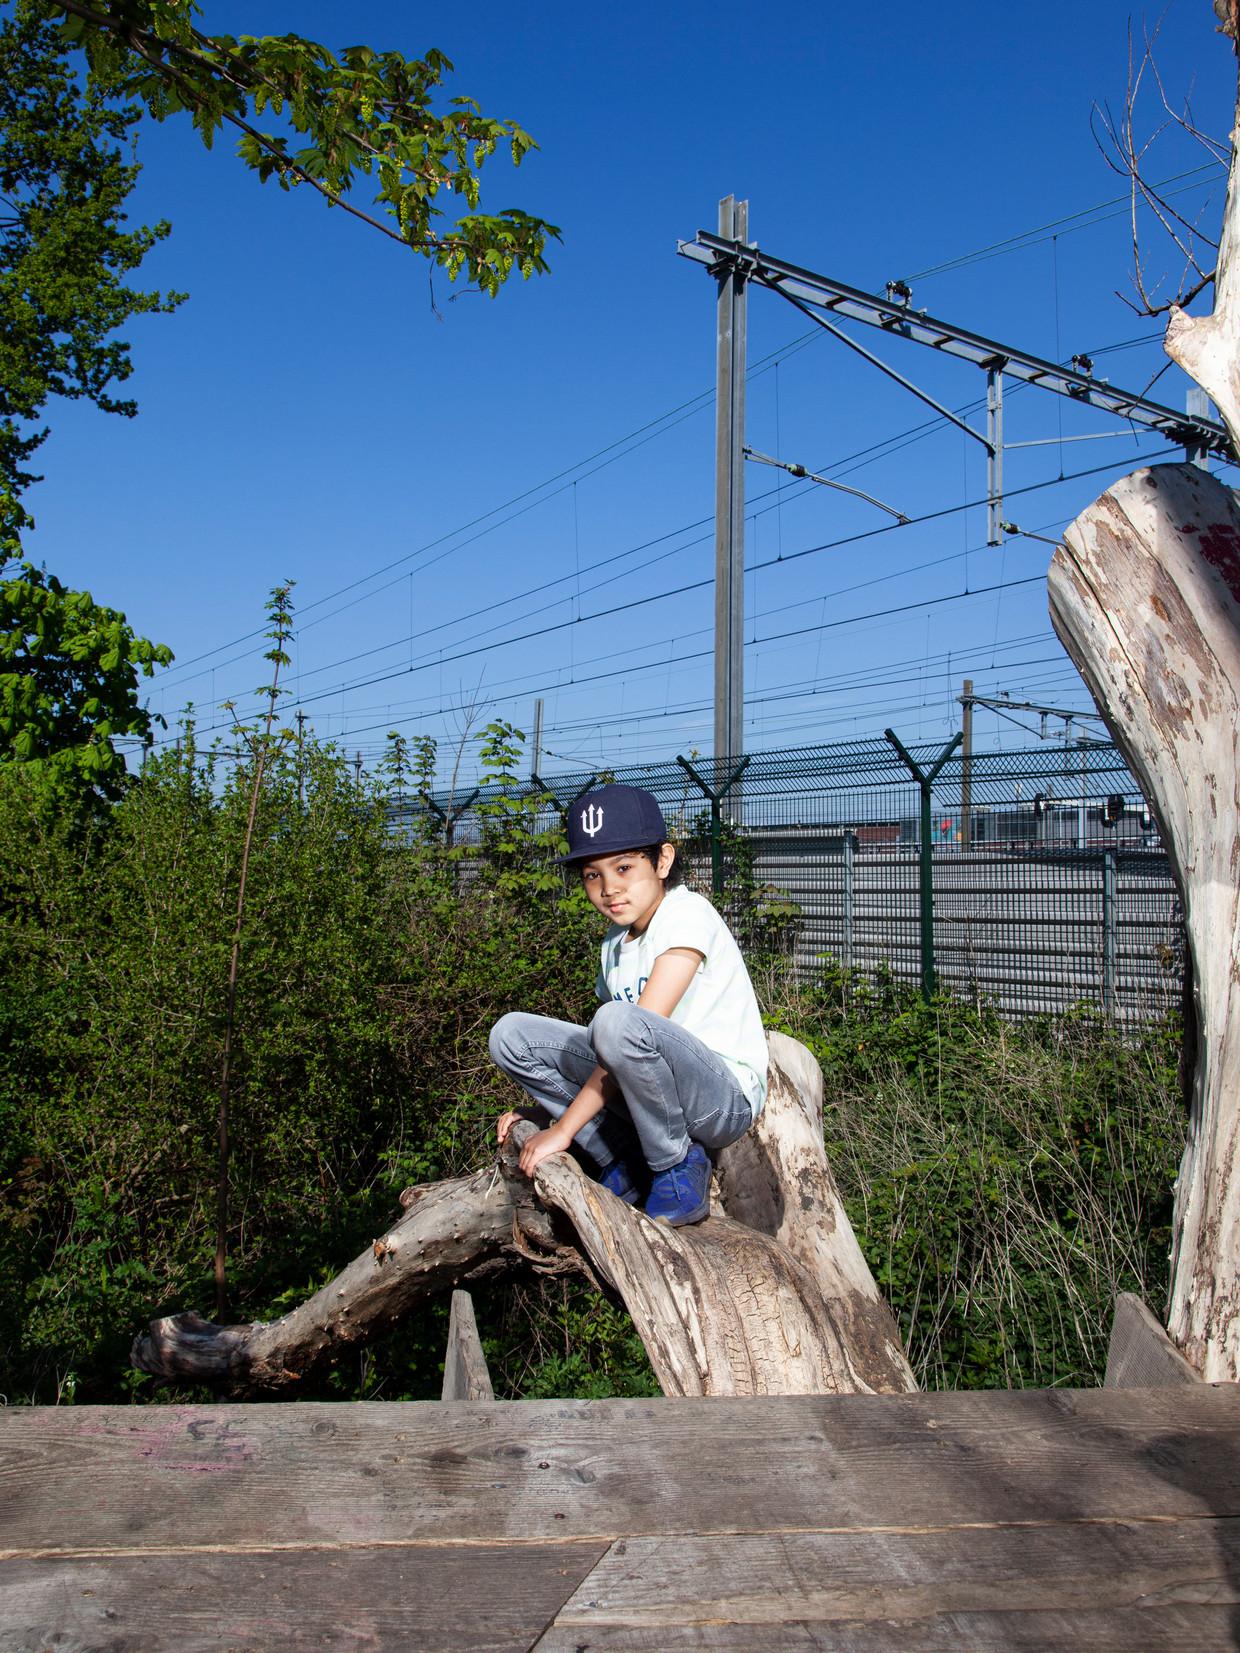 Xavi Hasham: 'Ik vind het leuk om met mijn vader te sporten, dan gaan we een balletje gooien.' Beeld Adriaan van der Ploeg